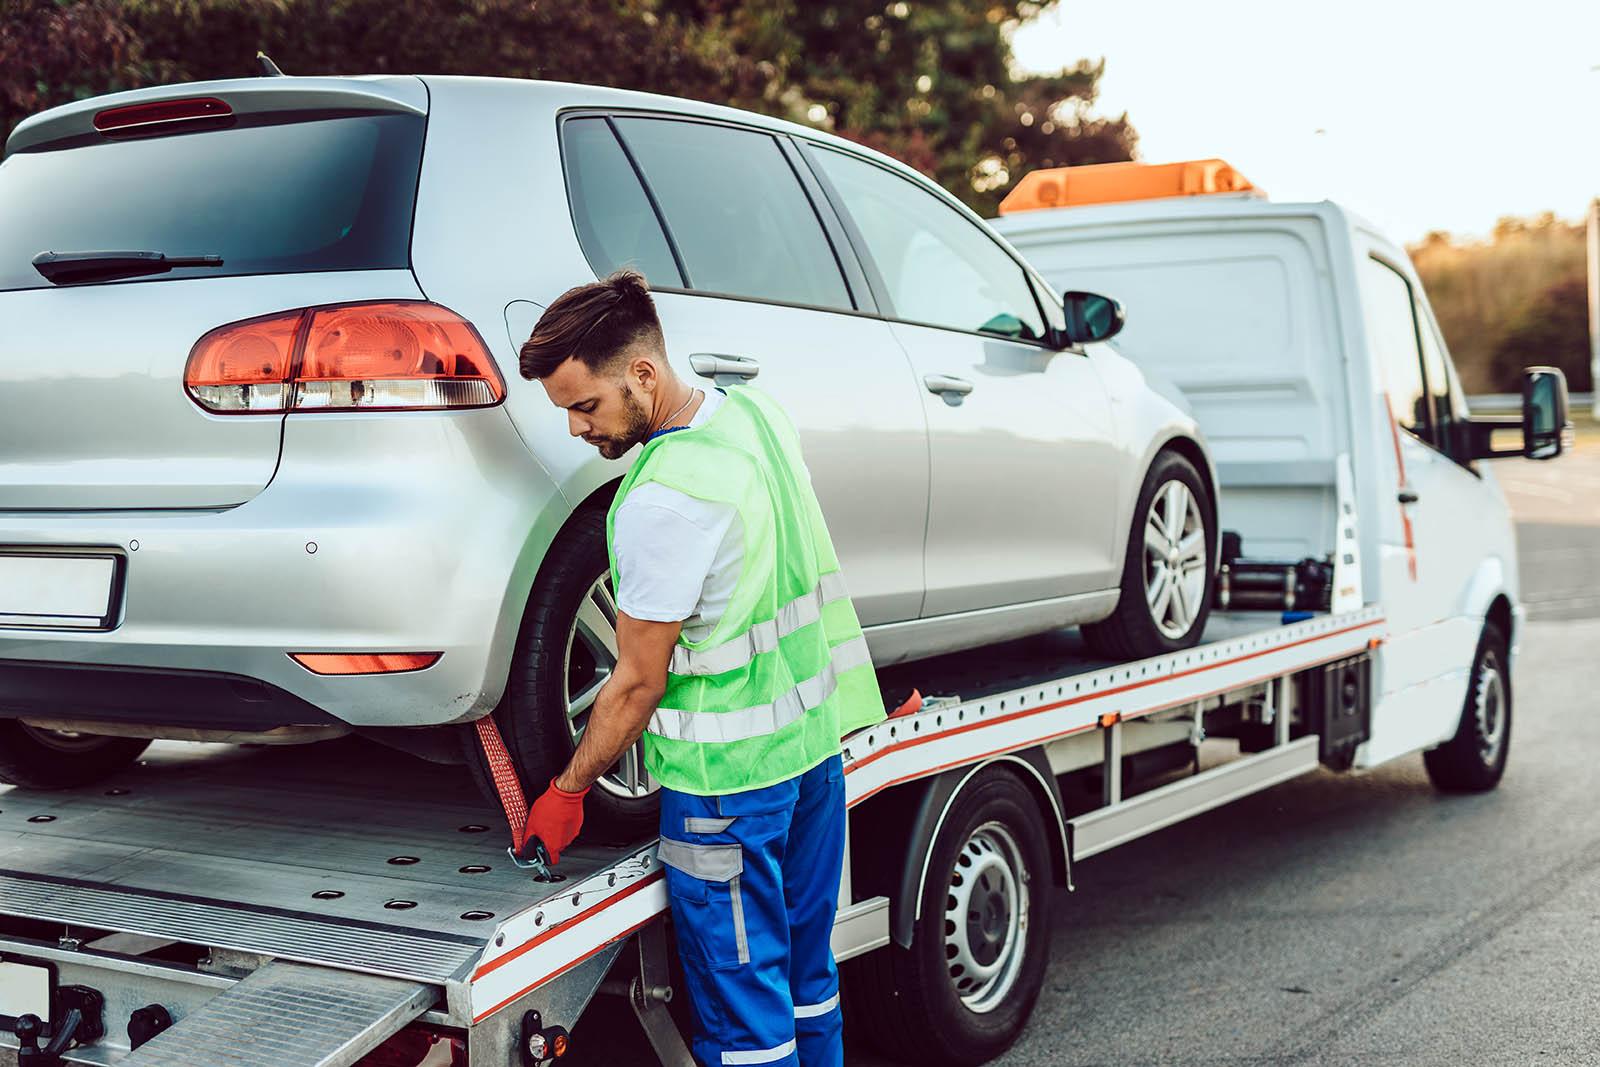 Kontakta vår bilskrot i Västerås för att skrota bilen. Vi är er bilskrot i Västerås.